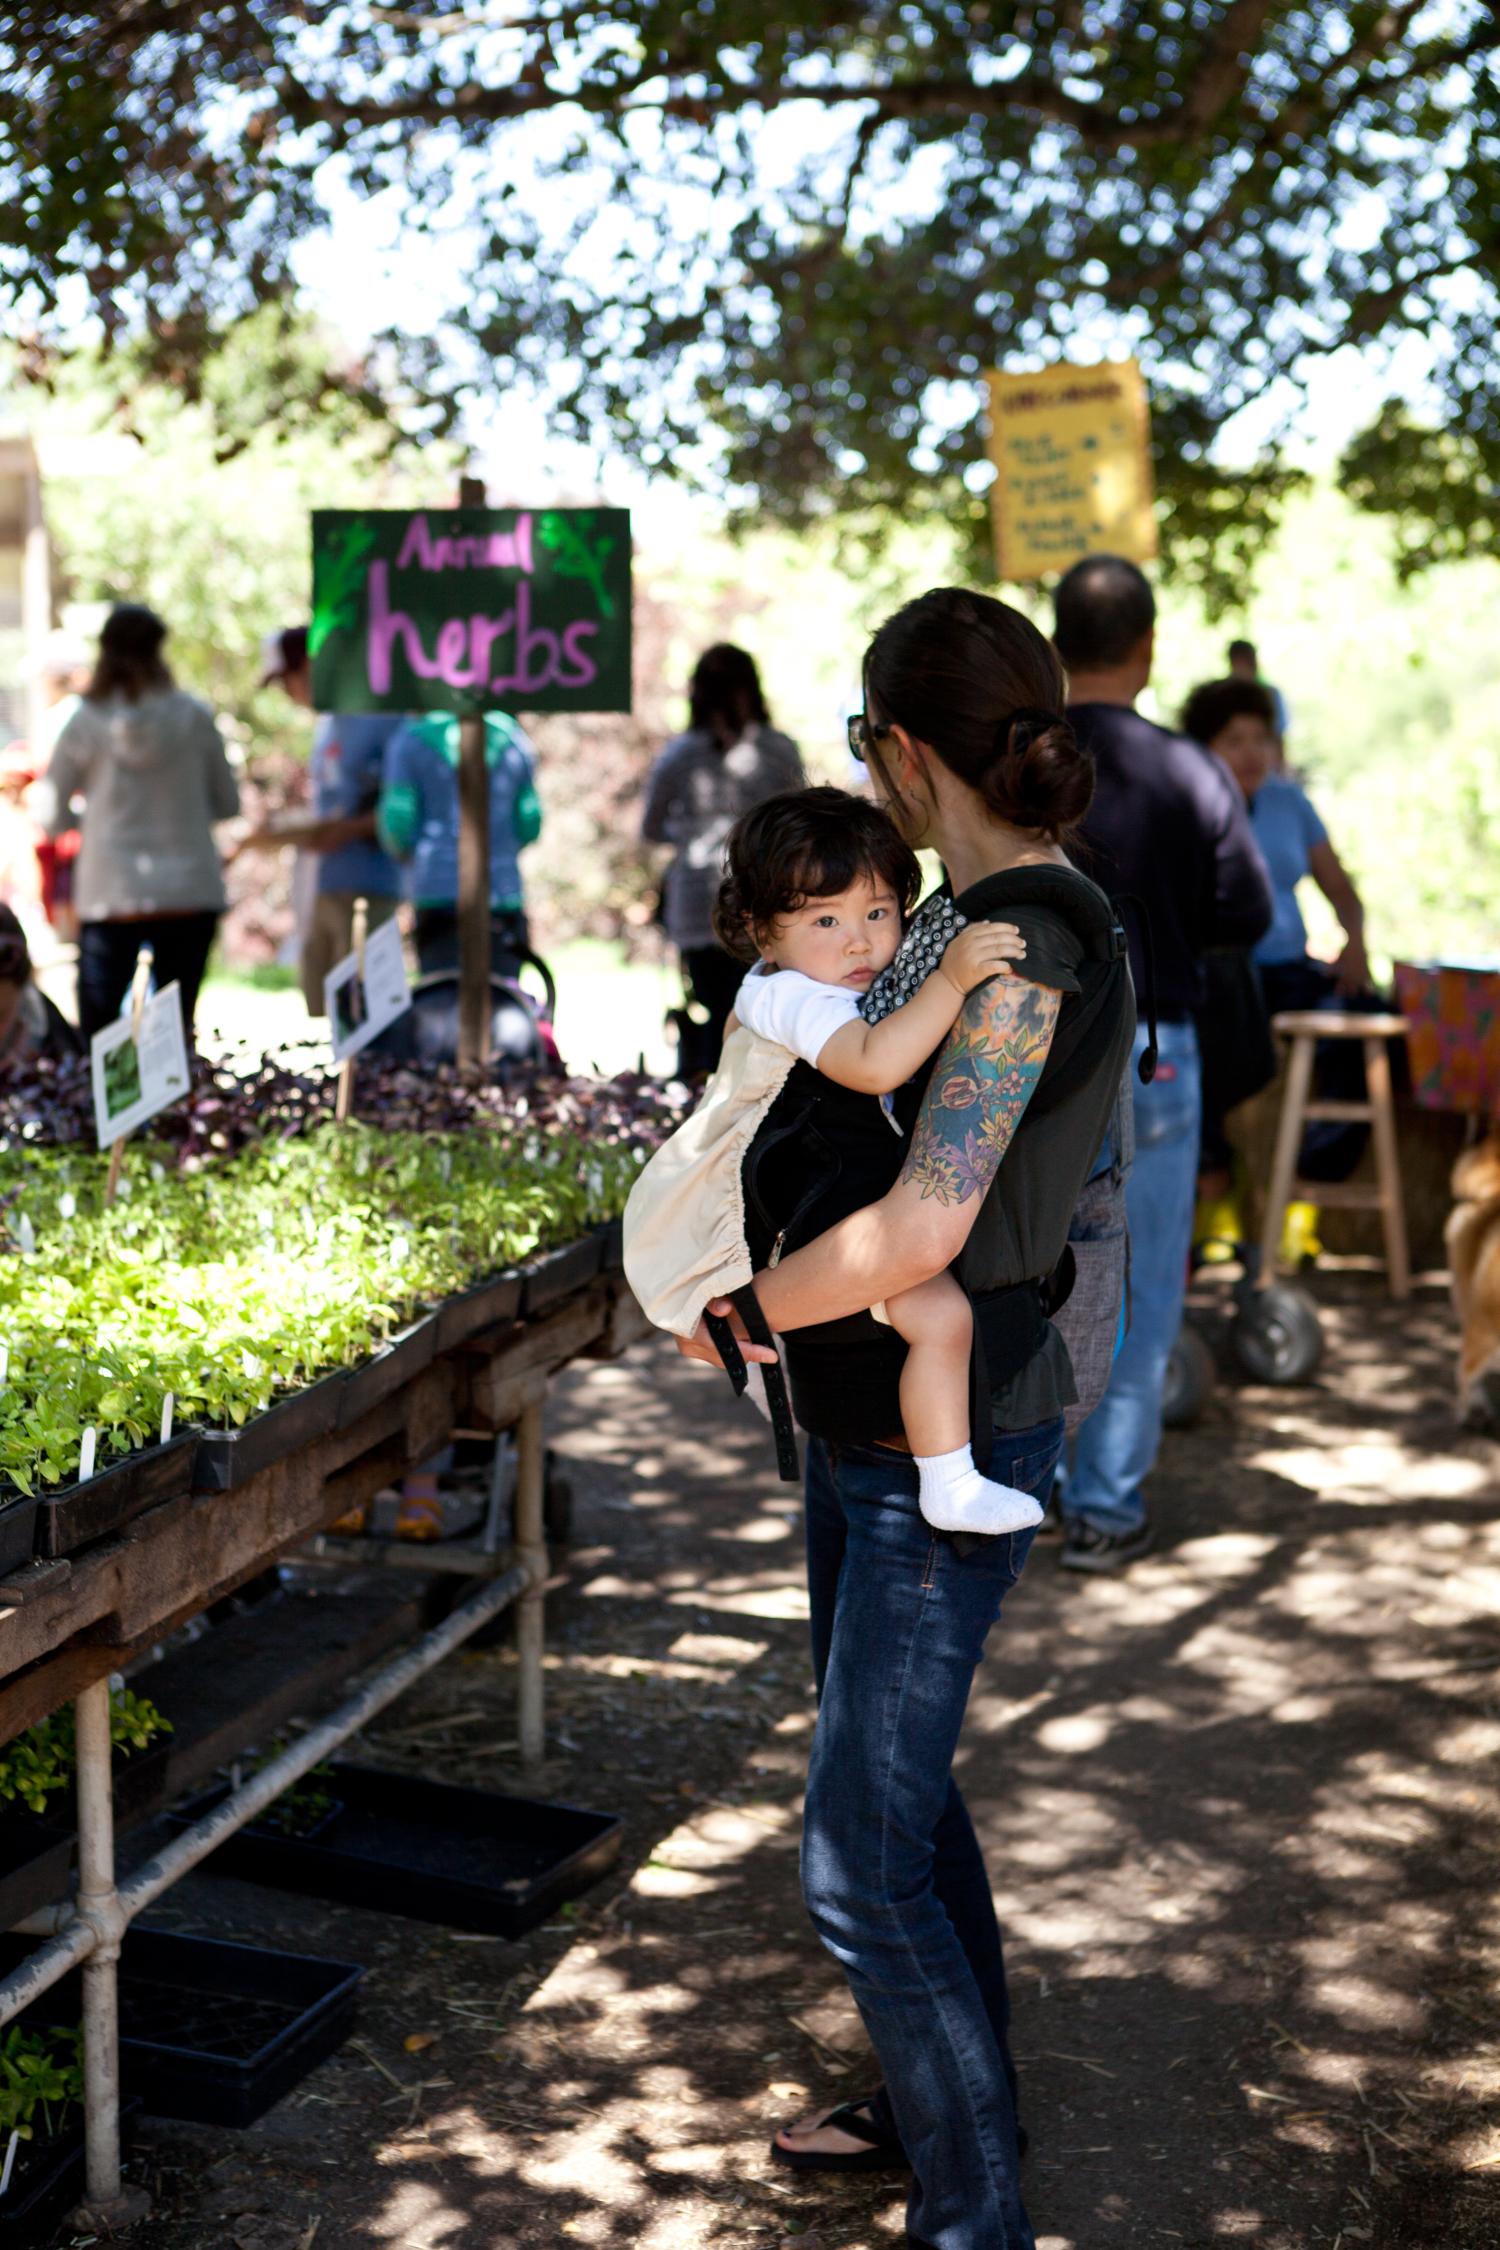 erinscottphotography_edibleschoolyardberkeley-18.jpg